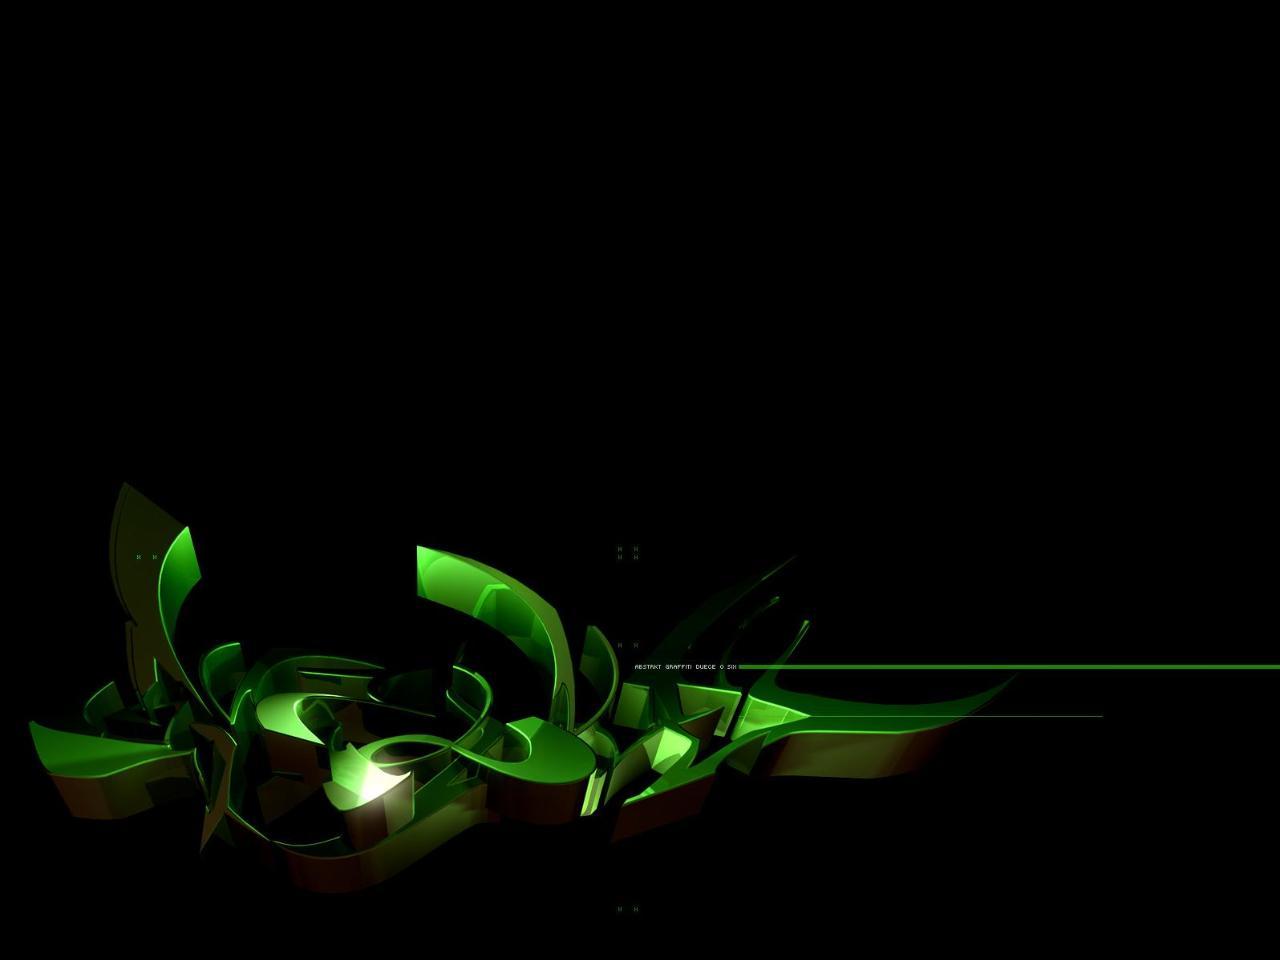 http://1.bp.blogspot.com/_uTGKd6u5pJ4/TUtprbCG72I/AAAAAAAAAWk/PAGAoZqs7pM/s1600/3D%2Bgreen%2Bin%2Bblack%2Bgraffiti%2Bwallpaper.jpg